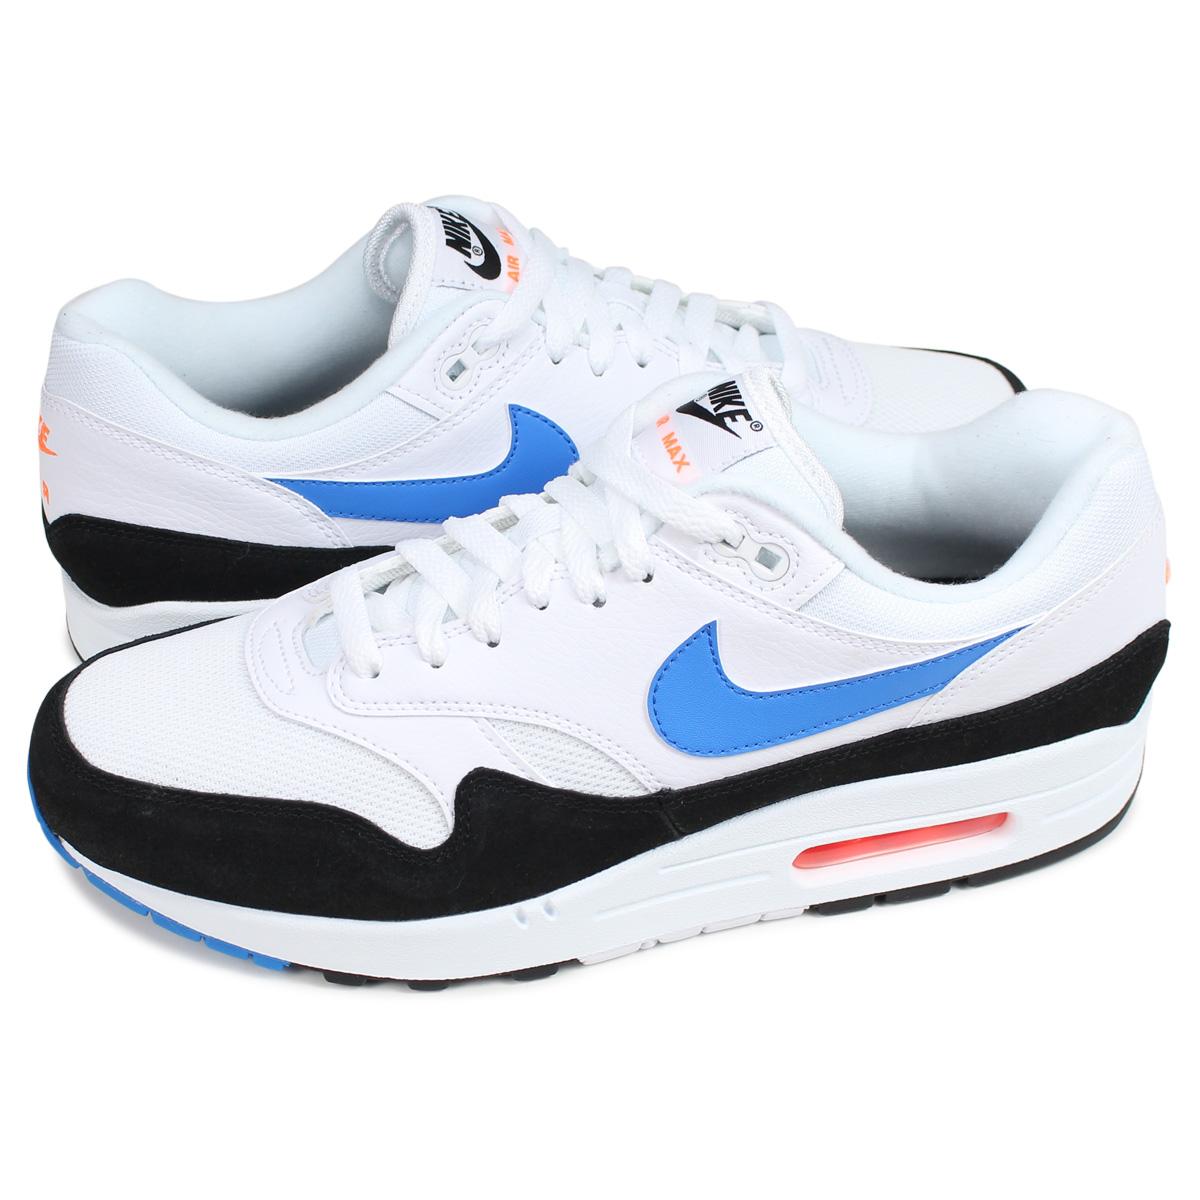 Nike Air Max 1 White Blue Orange AH8145 112 Info